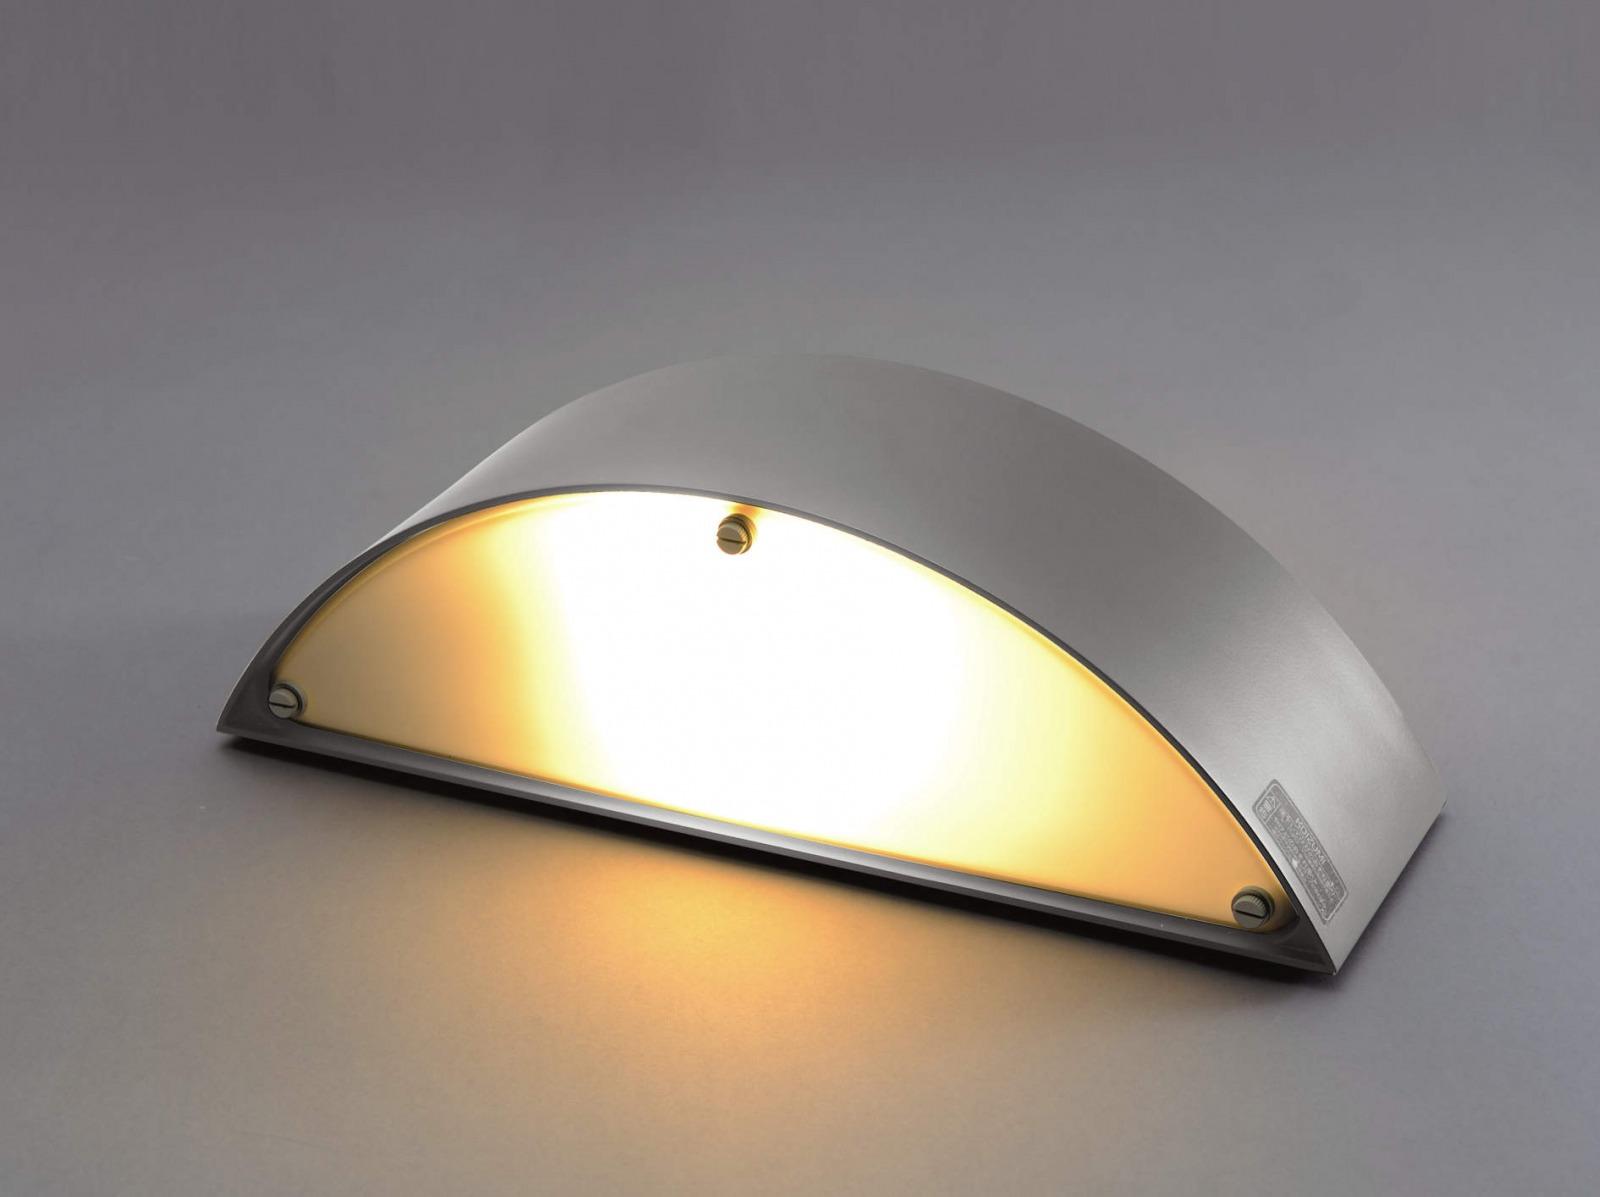 エクステリア 屋外 照明 ライト三協アルミ 照明器具 門灯 MW9型 シルバー ブラック 門灯:横長